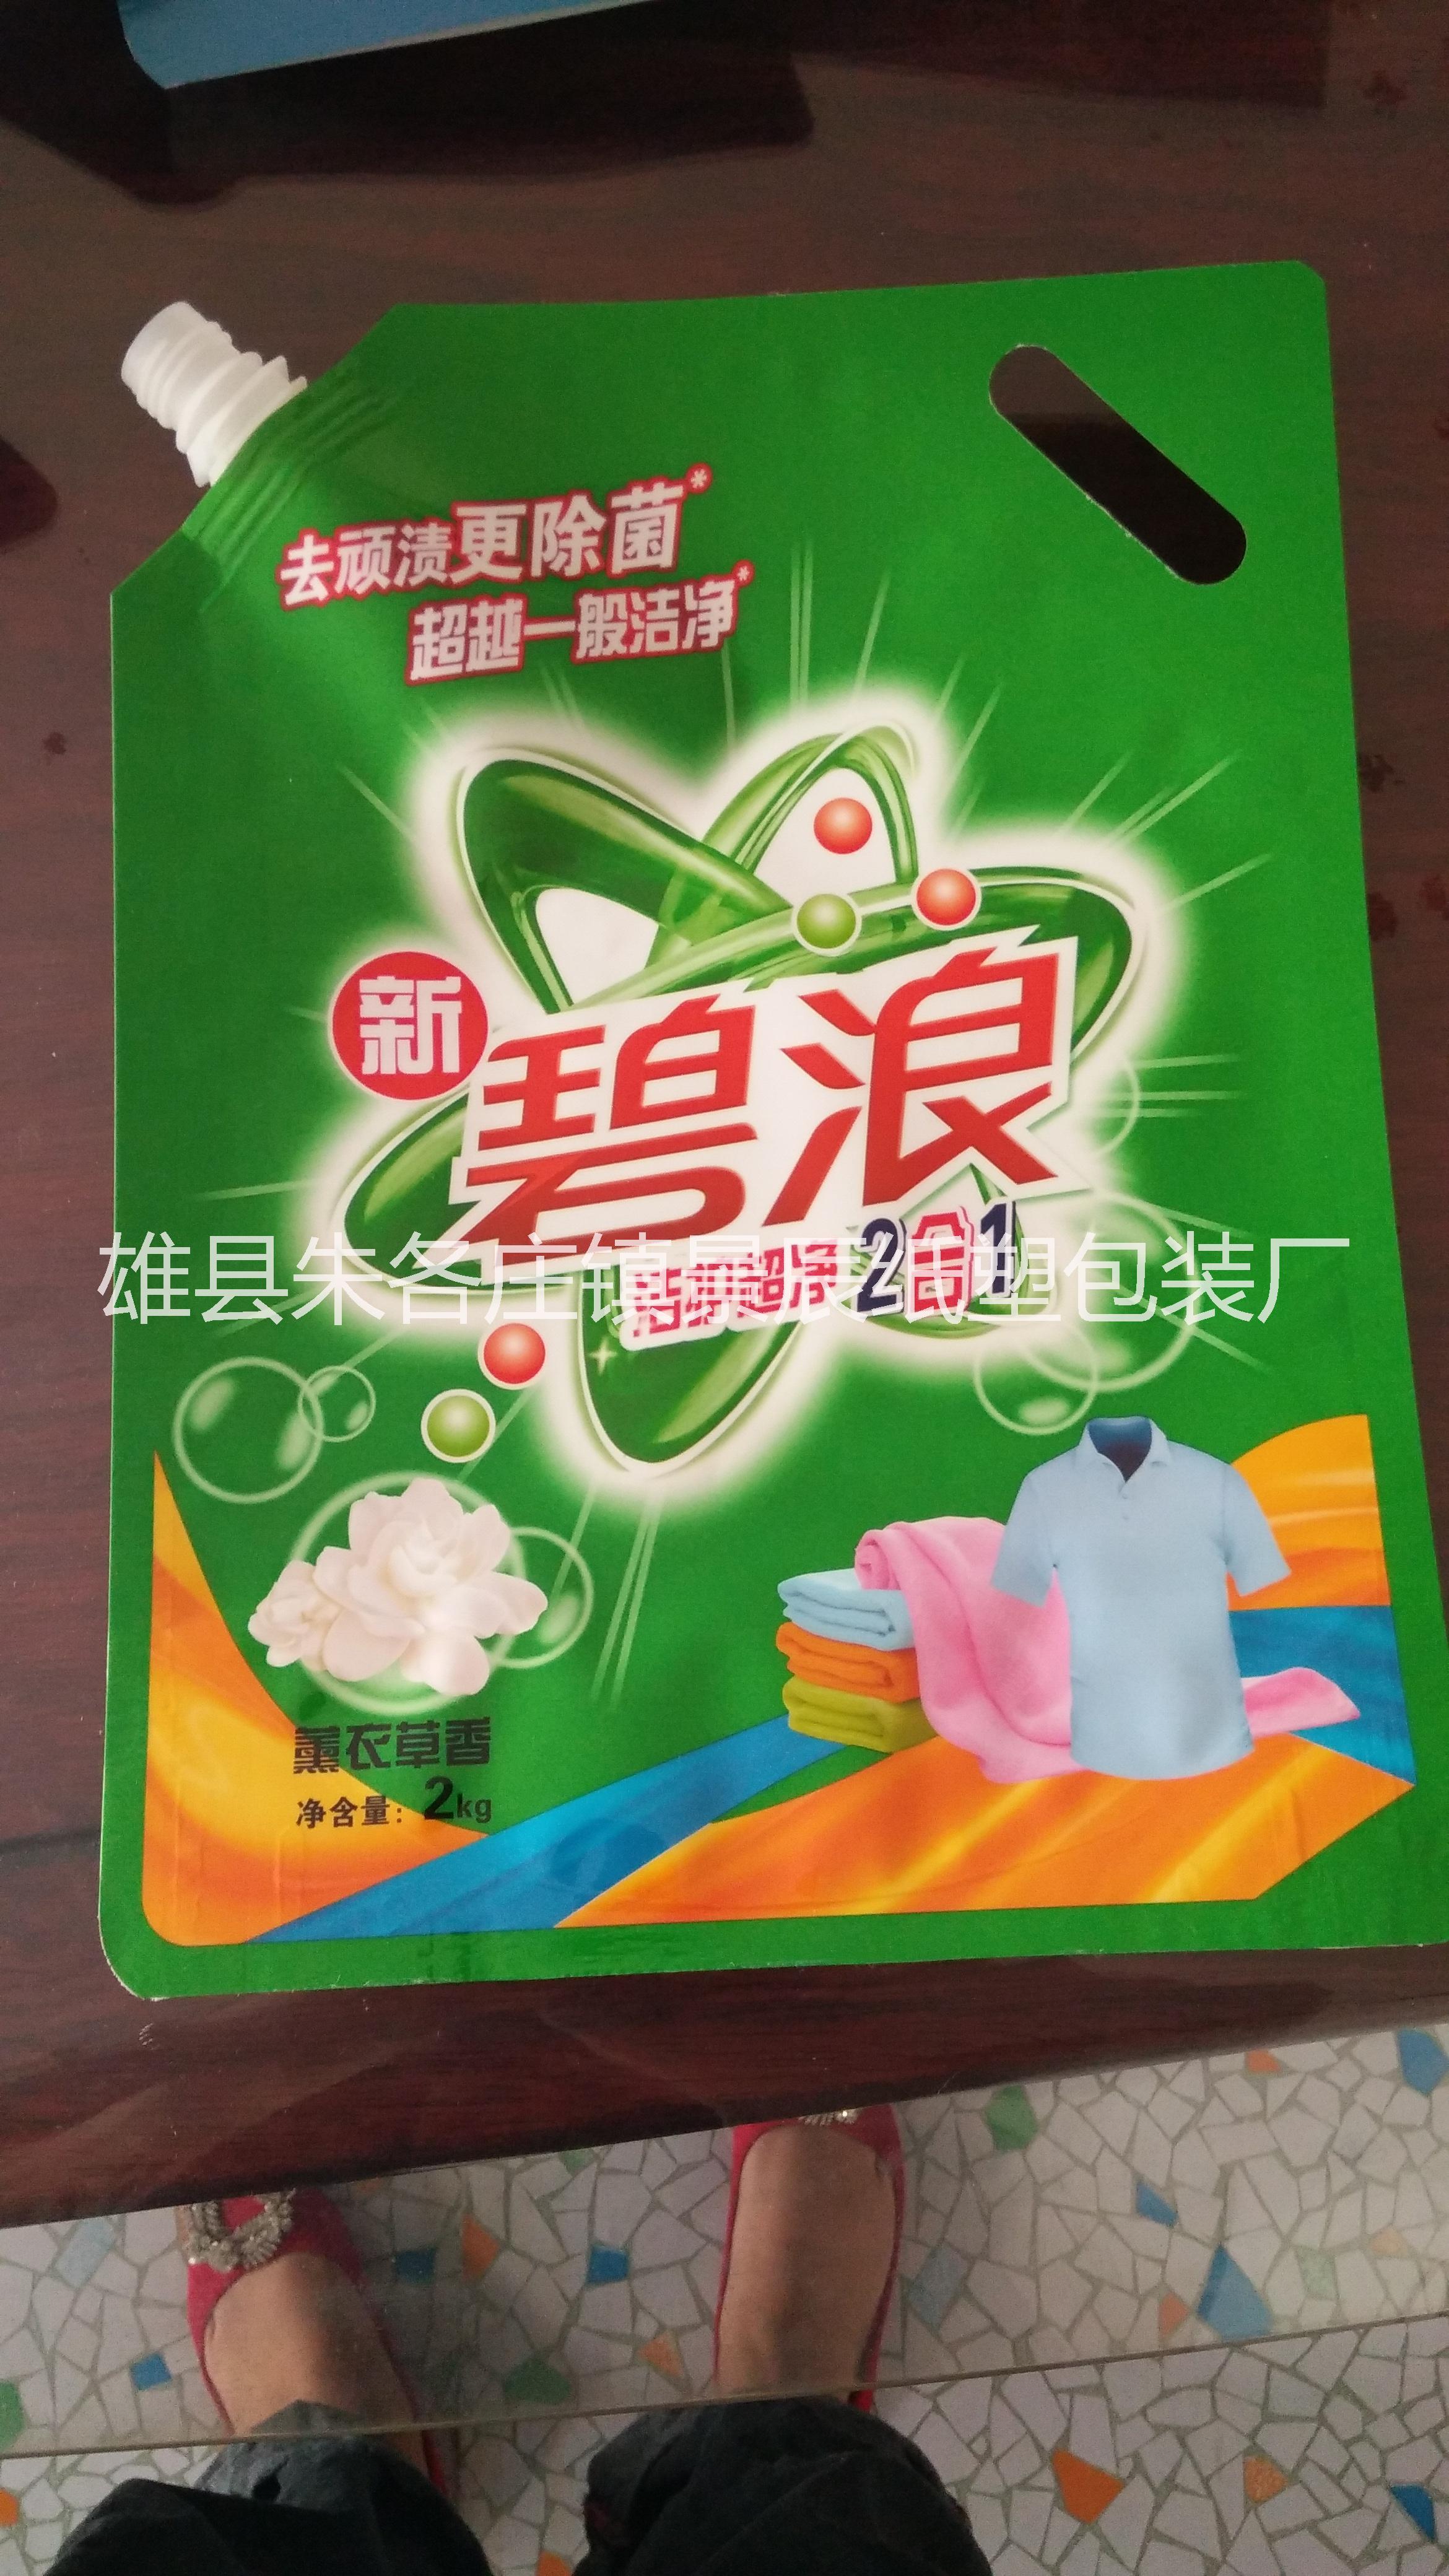 洗衣液袋批发 洗衣液袋定做 洗衣液袋供应商 洗衣液袋厂家